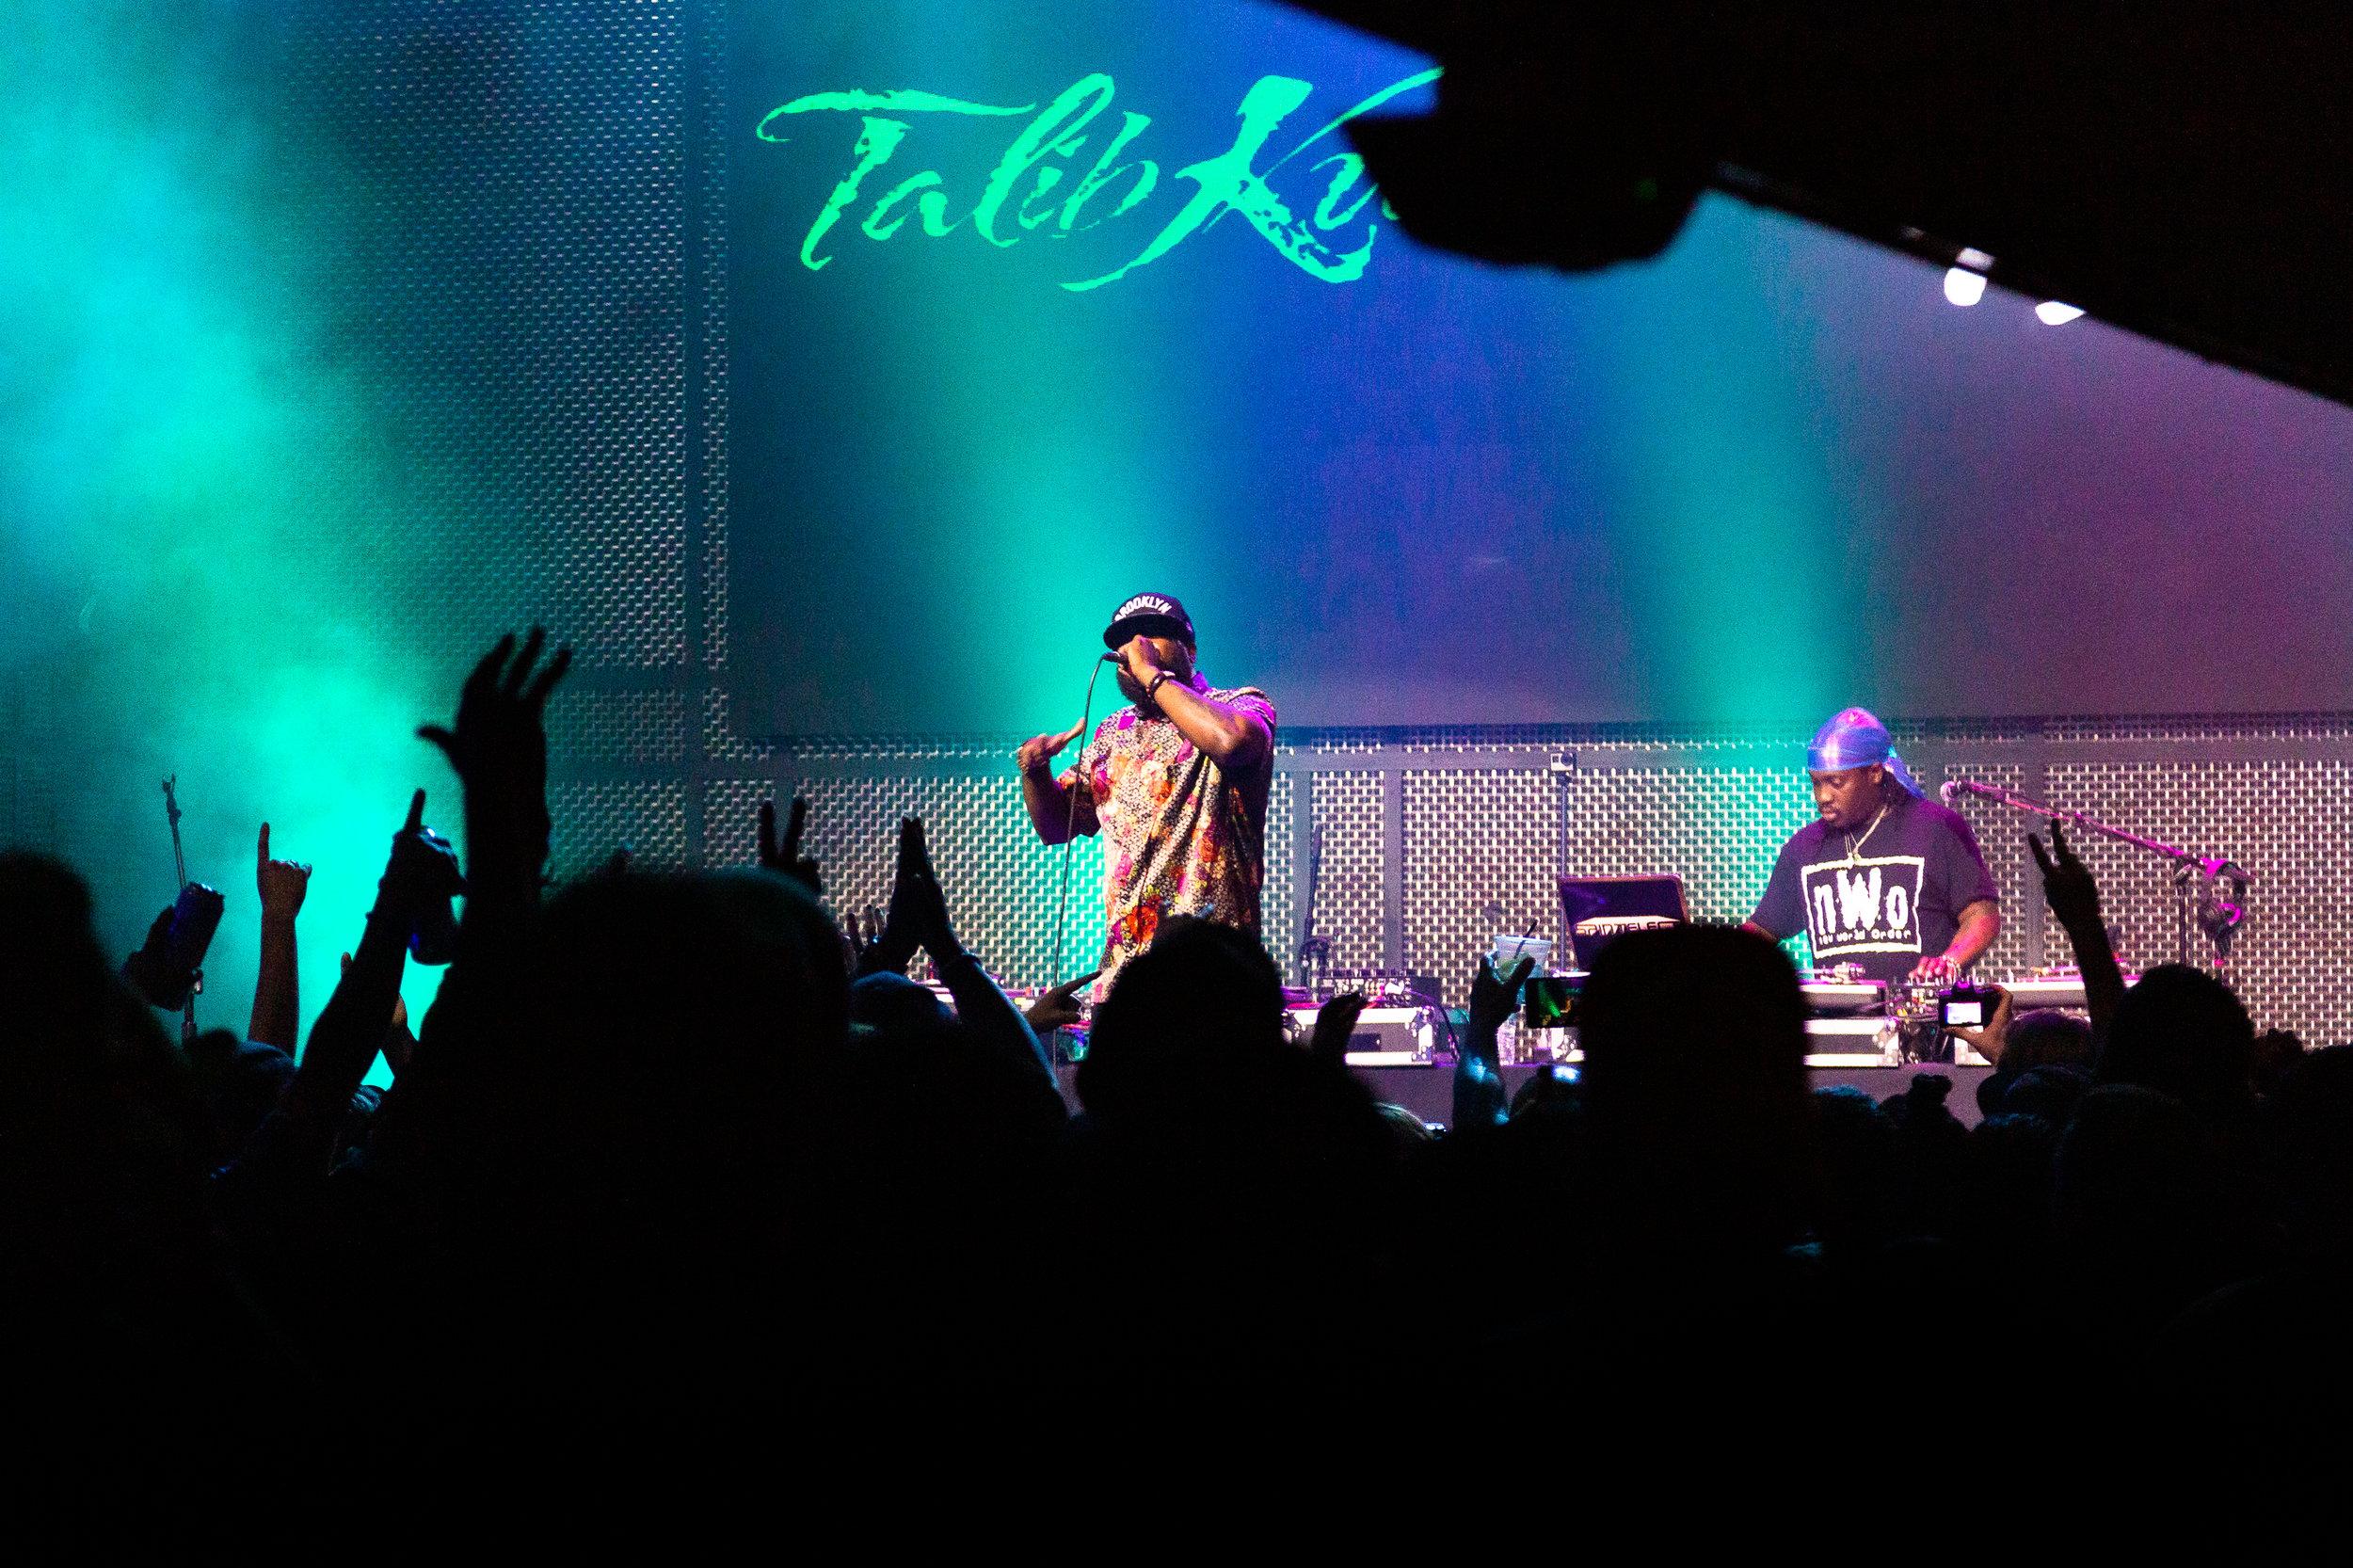 Talib Kweli and Teal at Music Box 08-01-19 (20 of 21).jpg